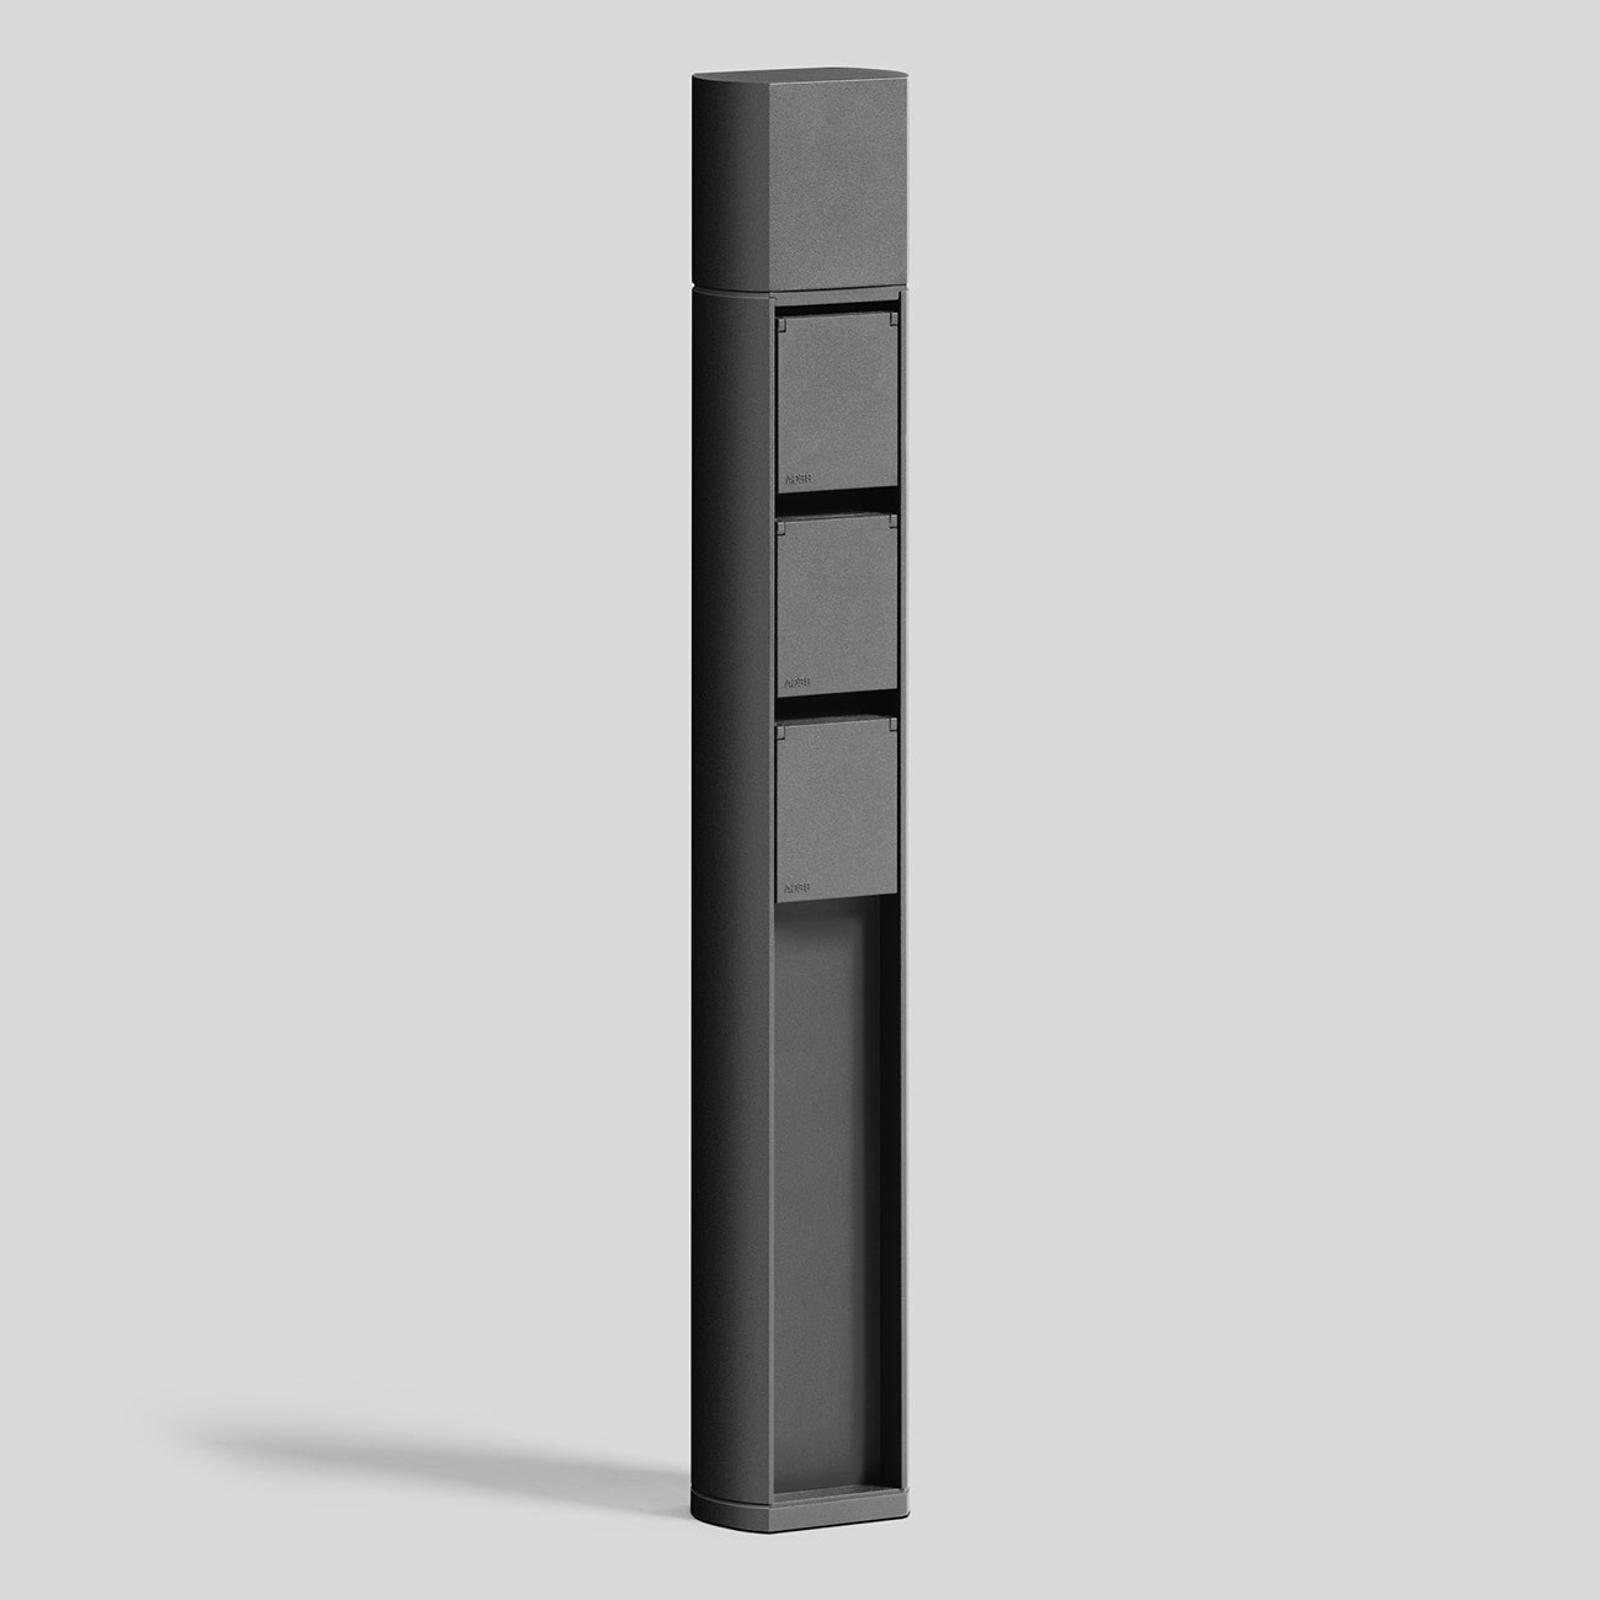 BEGA 71096 Außensteckdose smart, Erdstück, 3-fach